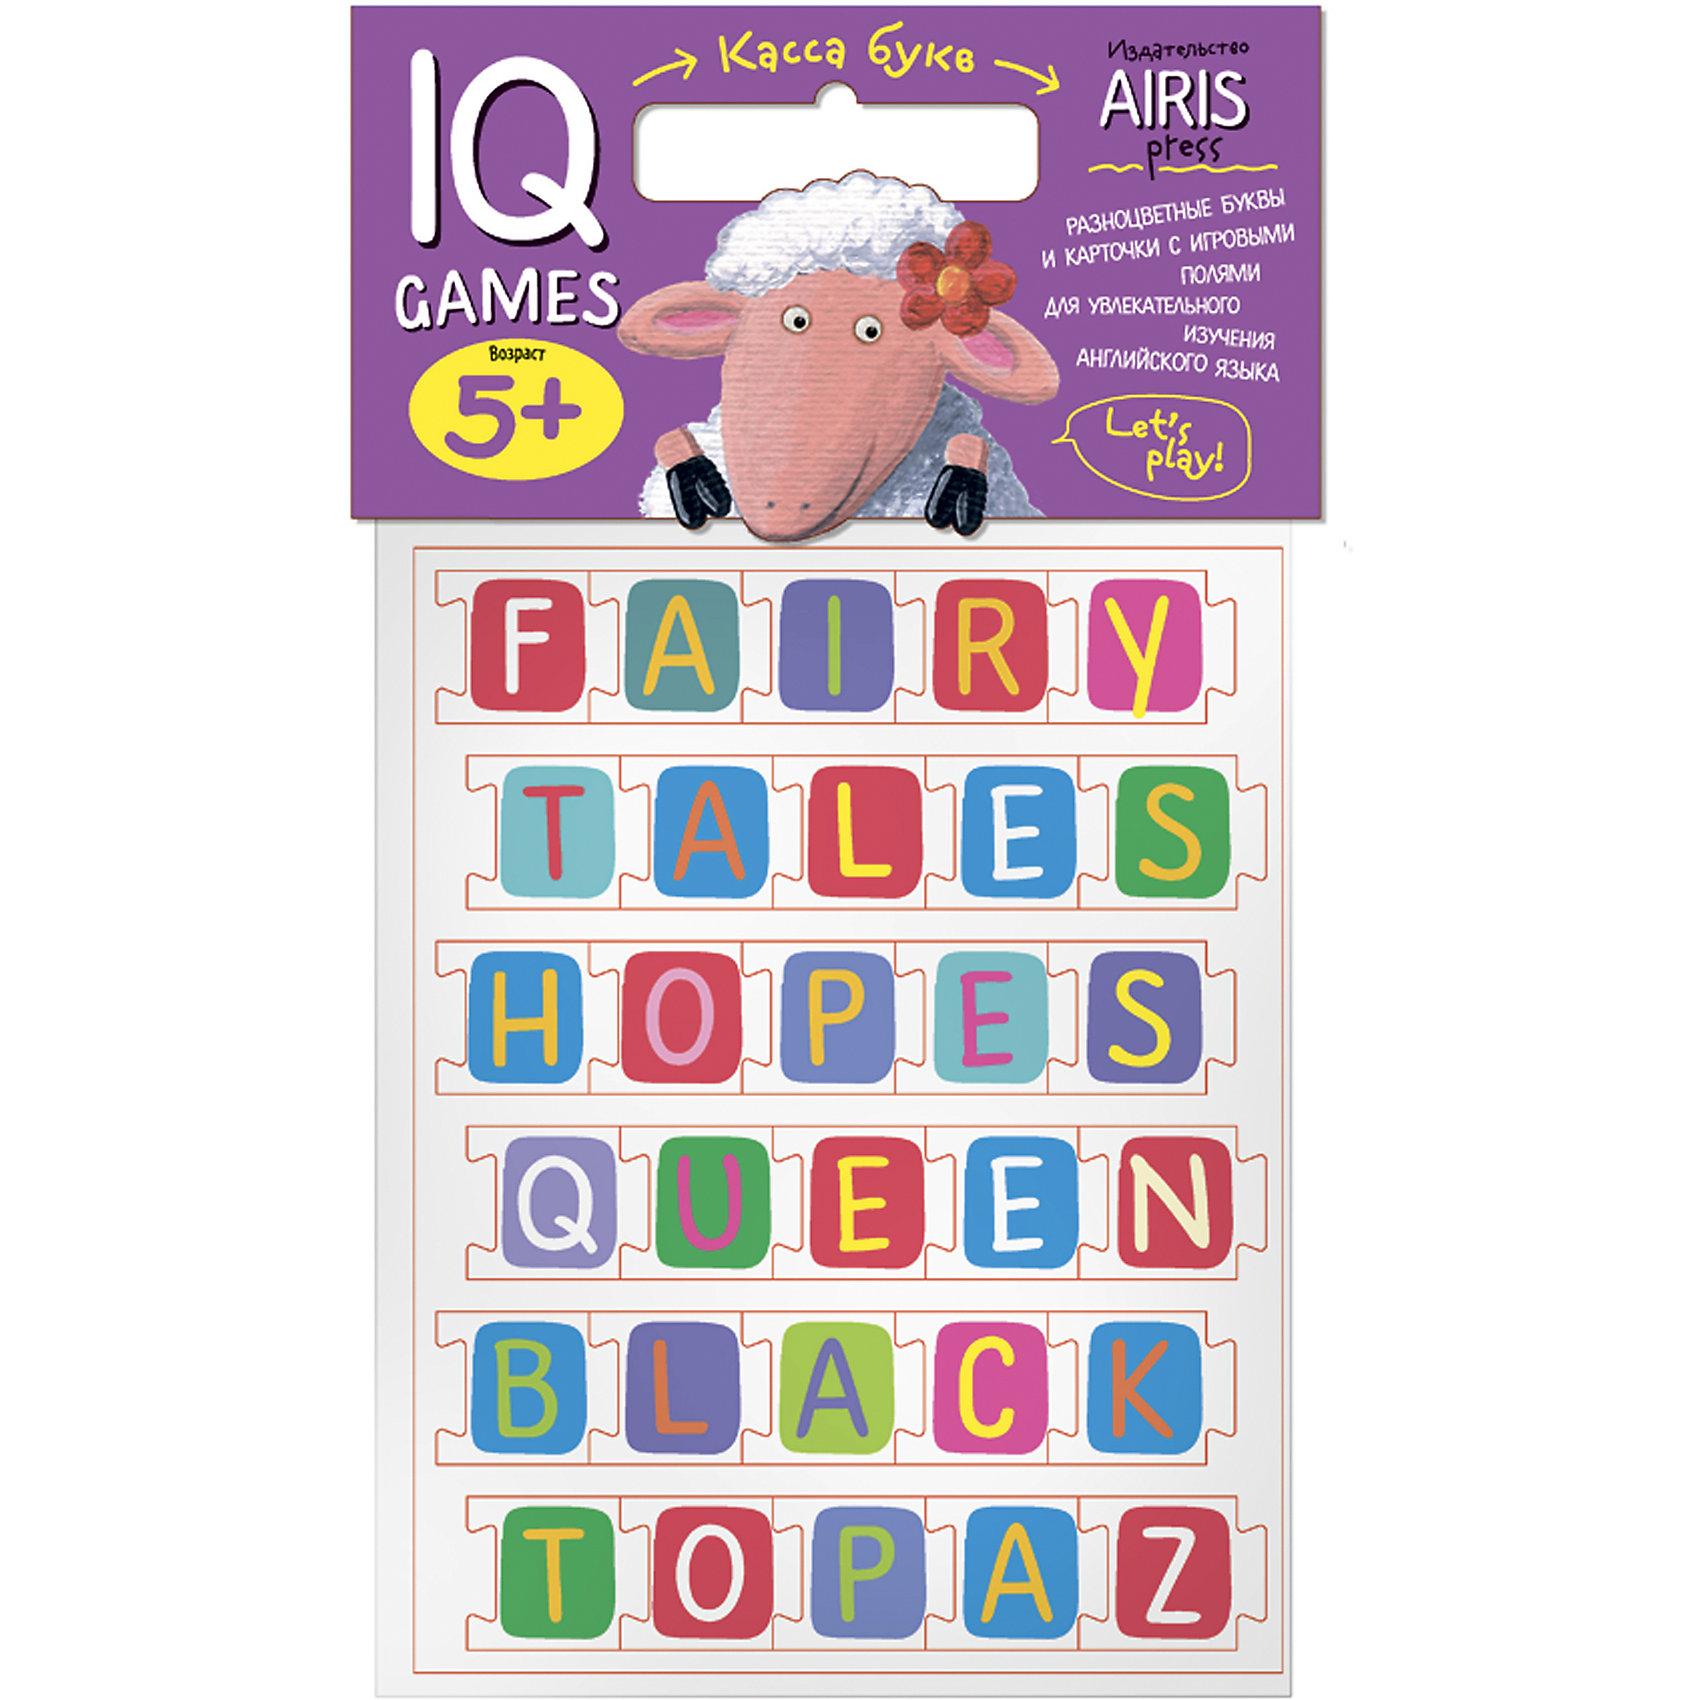 Касса букв ENGLISH с игровыми полямиКасса букв<br>Касса букв с игровыми полями предназначена для обучения детей английскому языку. С помощью набора можно проводить всевозможные развивающие игры, в ходе которых ребенок познакомится с  буквами английского языка, научится узнавать и запоминать графический образ буквы, составлять из букв слова, начнет осваивать первые навыки чтения на английском языке. Для активизации и закрепления знаний в наборе приложены рабочие листы - игровые поля, на которых дети сами могут выполнить увлекательные задания.<br><br>Ширина мм: 20<br>Глубина мм: 175<br>Высота мм: 225<br>Вес г: 91<br>Возраст от месяцев: 60<br>Возраст до месяцев: 84<br>Пол: Унисекс<br>Возраст: Детский<br>SKU: 6849520